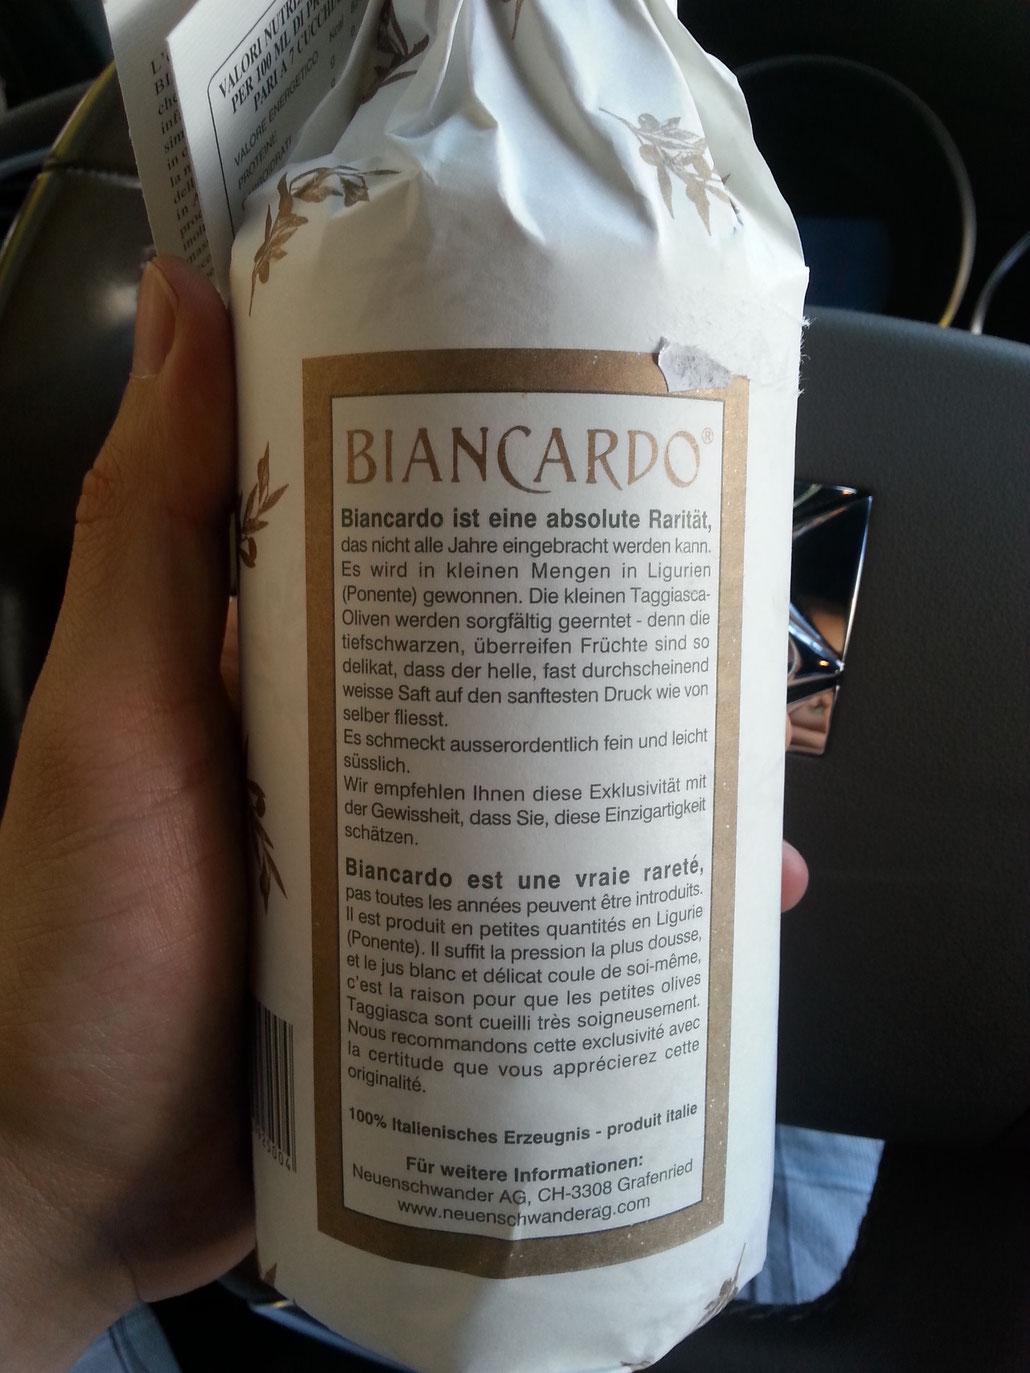 Tiefschwarze und überreife Früchte: Nun wissen Sie, dass Sie von Flaschen wie dieser lieber die Finger lassen. Denn mit EXTRA VERGINE hat dieser Fäulnis-Saft mit Sicherheit nichts zu tun.